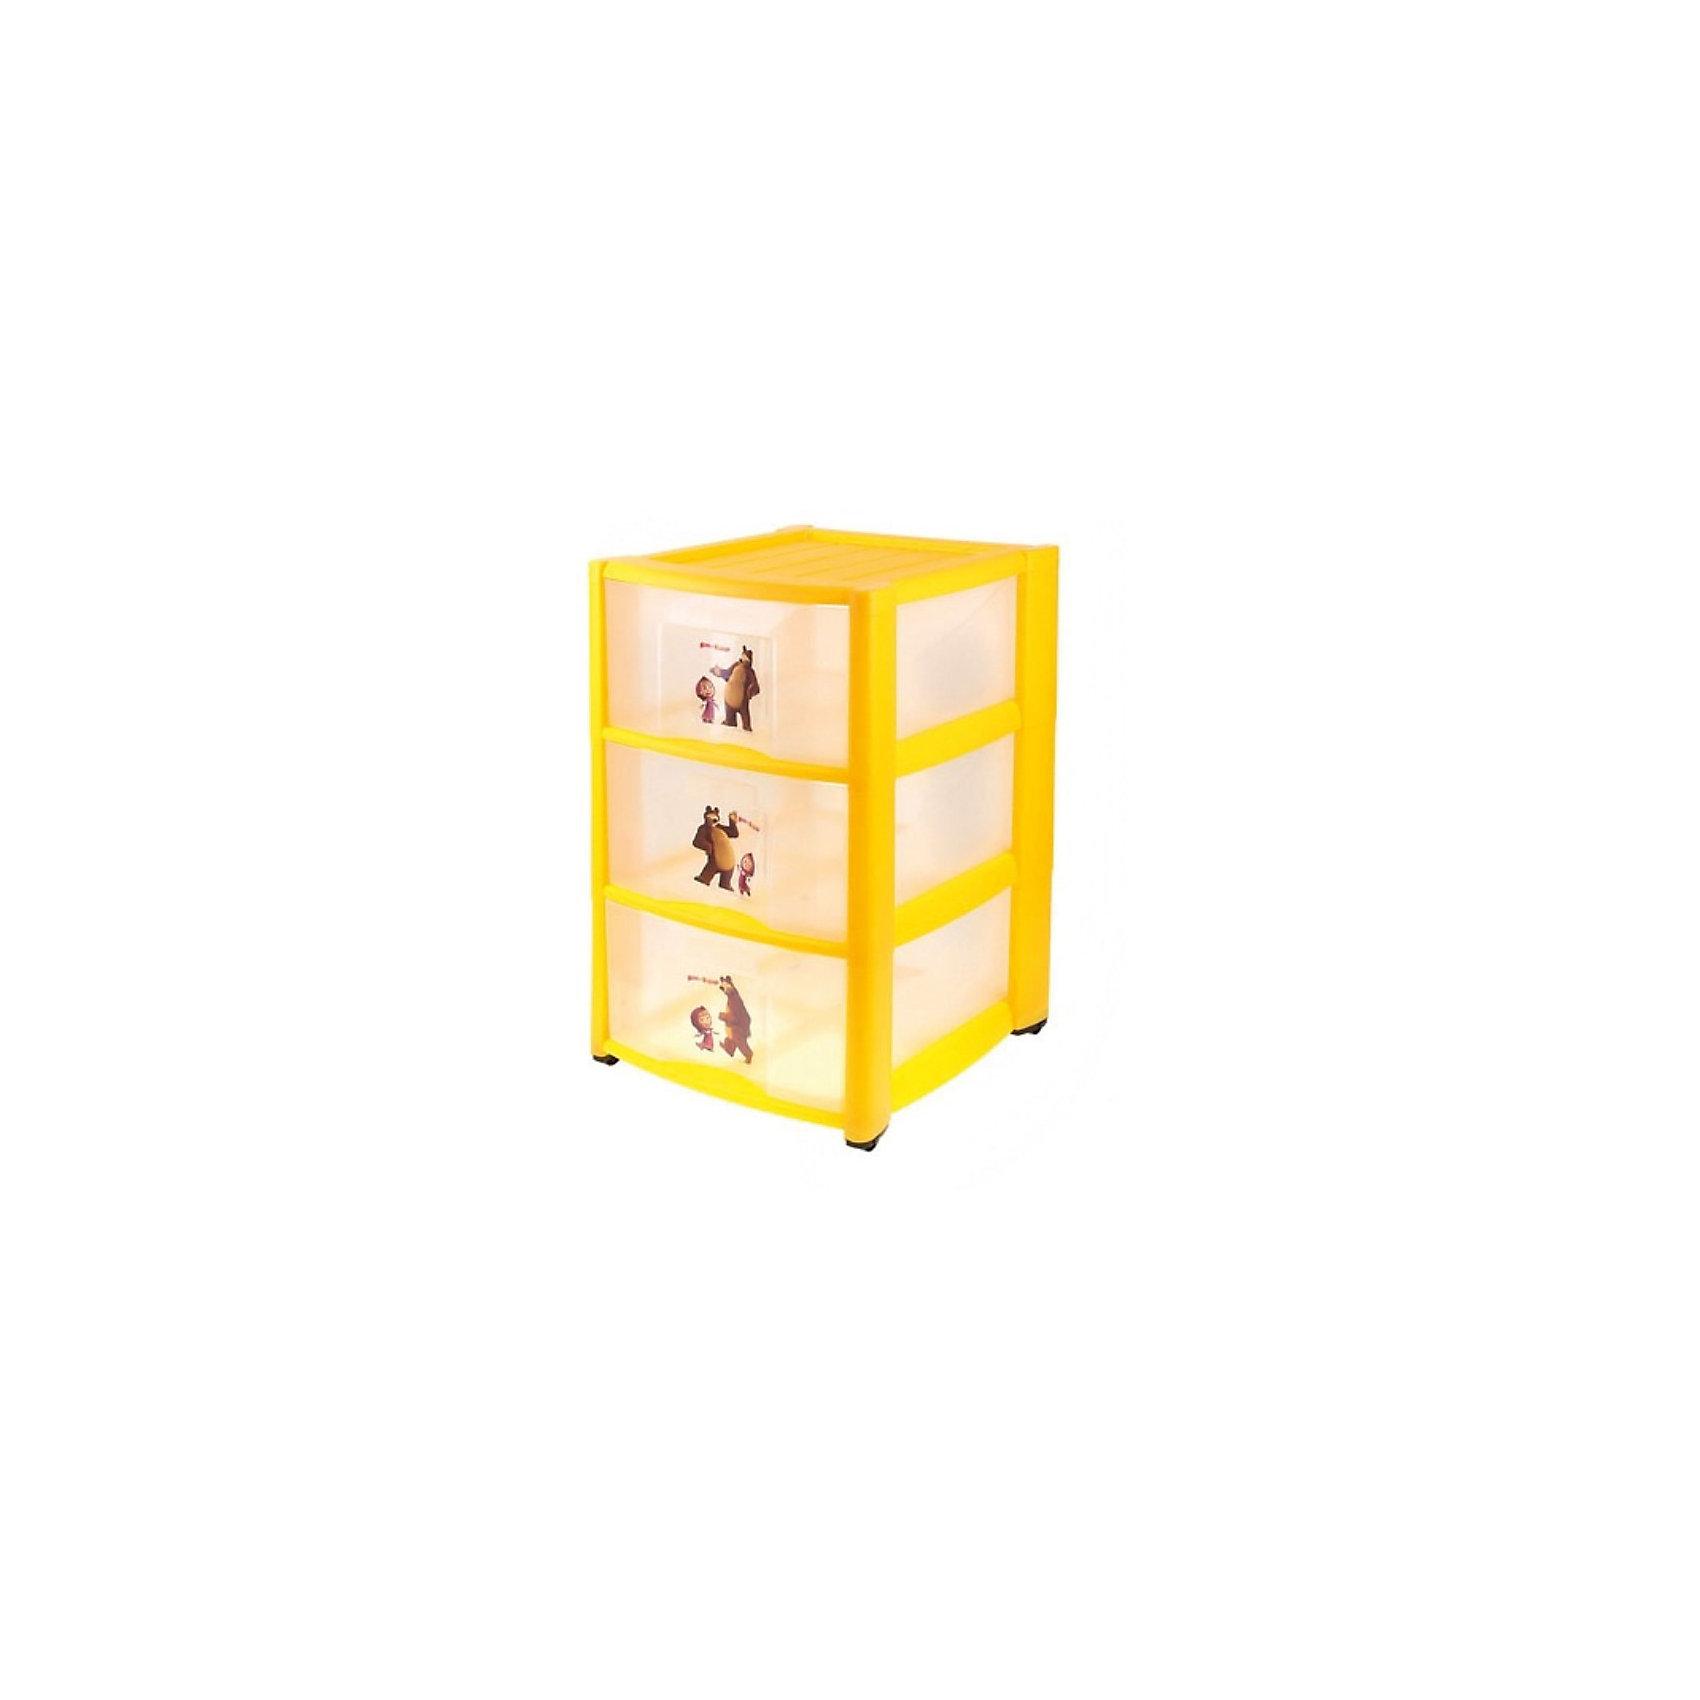 Пластиковый комод Маша и Медведь, 3 ящика, жёлтыйПластиковый комод Маша и Медведь- это отличное решение для хранения детских вещей таких как: игрушки,  книги и одежды ребенка. Отлично подойдет как для детской комнаты, так и  для ванной комнаты или для коридора. Ведь комод оборудован небольшими съемными колесиками, с помощью  которых его можно перемещать по квартире. Есть 3 вместительных ящика, которые  сделаны  из полупрозрачного пластика, и поэтому Вам не придется открывать все ящики для поиска нужной вещи.  На каждый ящик декорирован наклейками с изображениями Маши и Медведя из известного мультика Маша и медведь.<br><br>Дополнительная информация:<br><br>- не содержит бисфенола<br>- материал: полипропилен гипоаллергенный материал<br>-цвет: желтый<br>- размер: 39*37*60 см.<br>- размер упаковки :38,5*60,5 *36,5 см.<br><br>Детский пластиковый комод Маша и Медведь с 3-мя ящиками можно купить в нашем интернет-магазине.<br><br>Ширина мм: 390<br>Глубина мм: 370<br>Высота мм: 600<br>Вес г: 3400<br>Возраст от месяцев: -2147483648<br>Возраст до месяцев: 2147483647<br>Пол: Унисекс<br>Возраст: Детский<br>SKU: 3895290